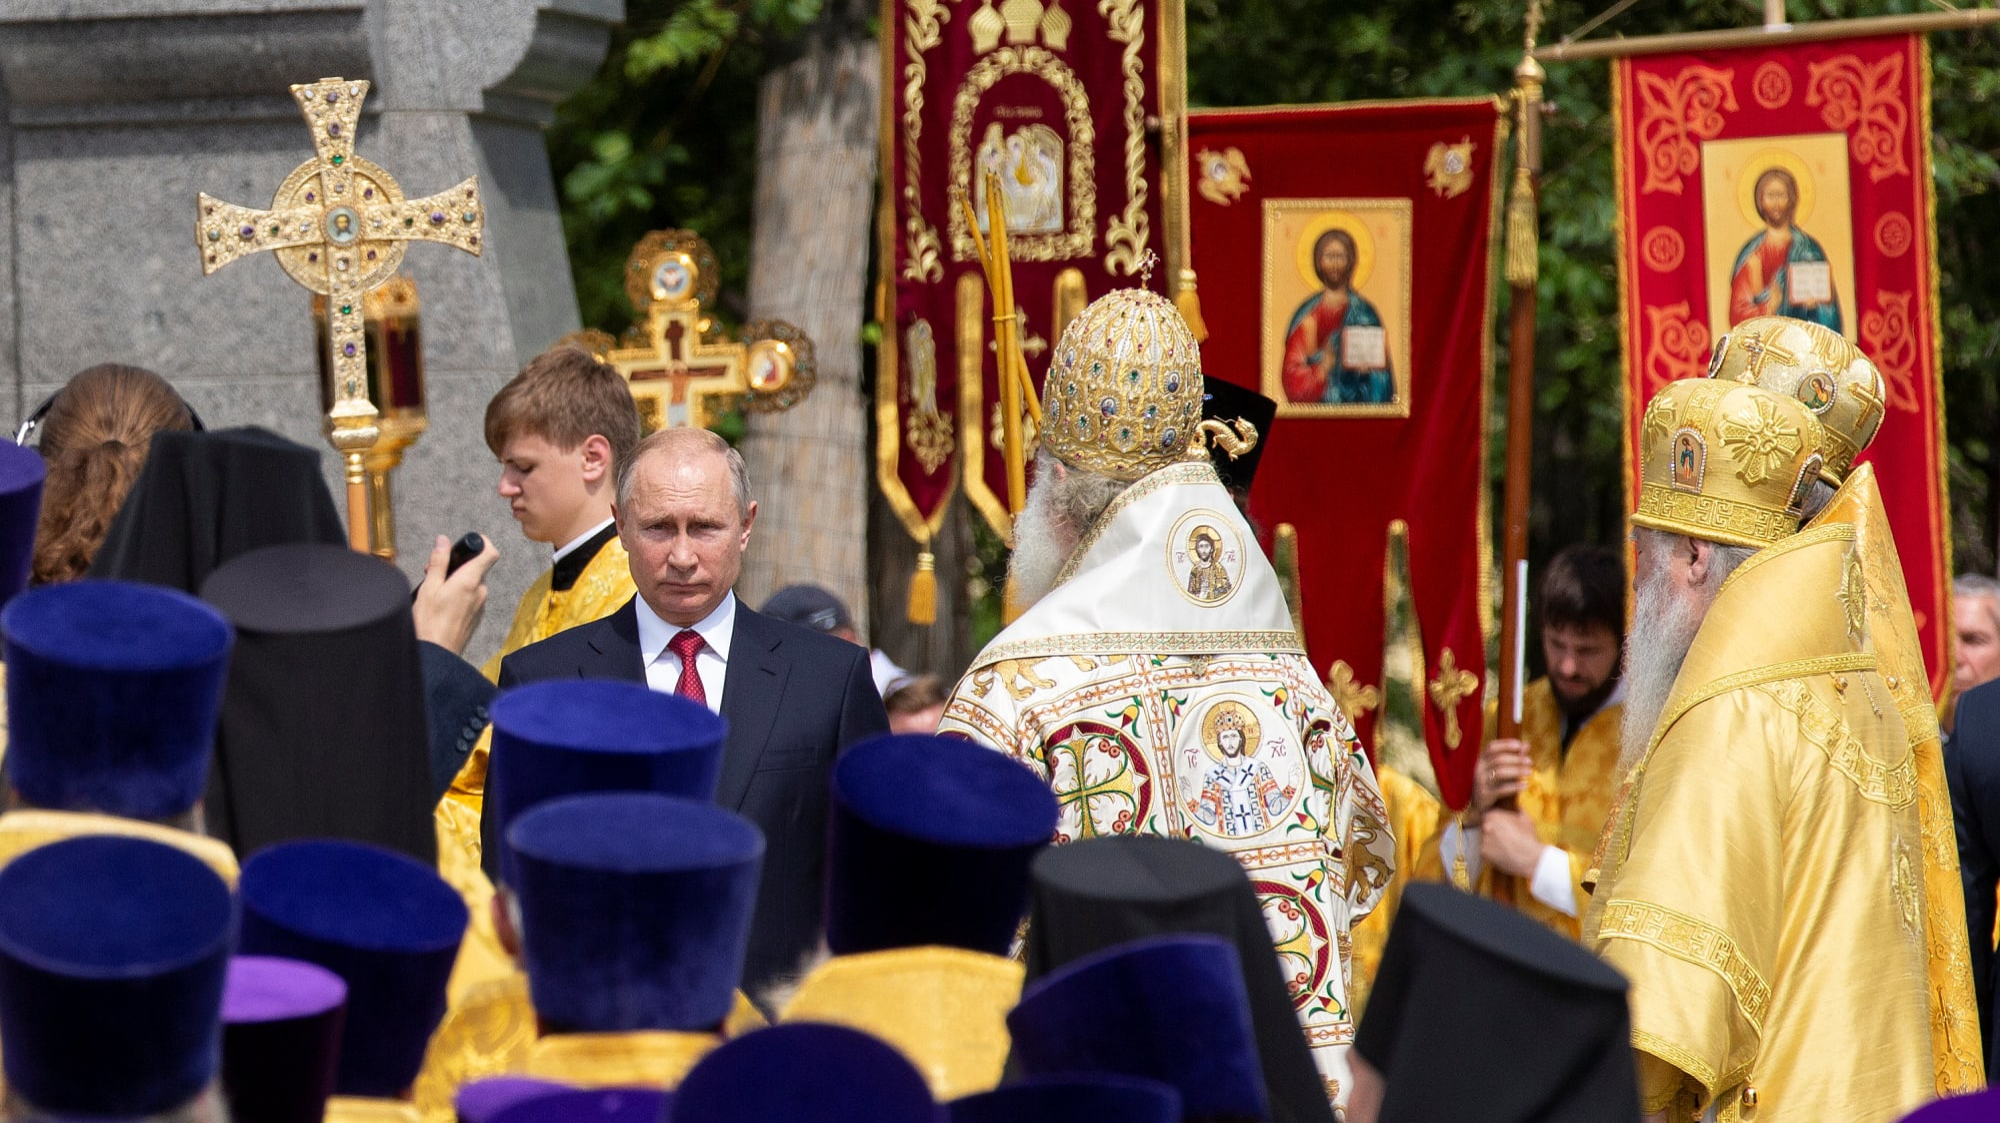 נשיא רוסיה פוטין בטקס במוסקבה לציון 1030 שנה לאימוץ הנצרות, 28 ביולי 2018. רויטרס